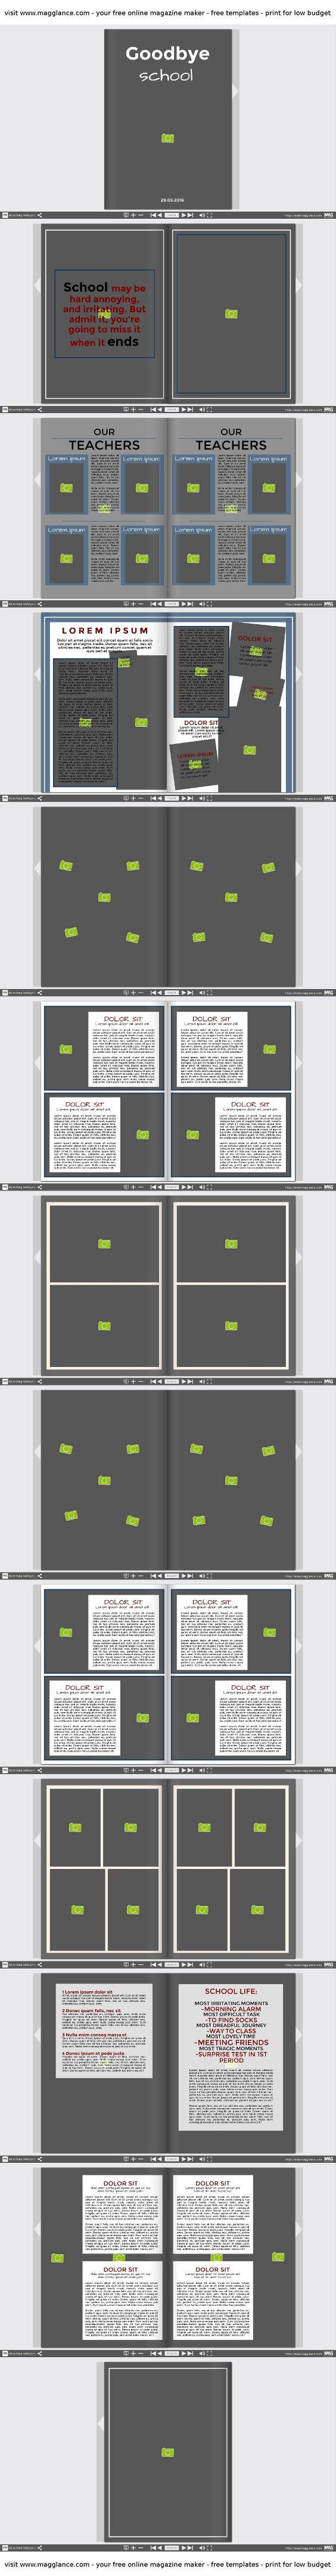 Abizeitung und Schülerzeitung kostenlos online erstellen und günstig drucken unter https://de.magglance.com/zeitung/zeitung-erstellen #Zeitung #Magazin #Abizeitung und Schülerzeitung #Vorlage #Design #Muster #Beispiel #Template #Gestalten #Erstellen #Layout #Idee